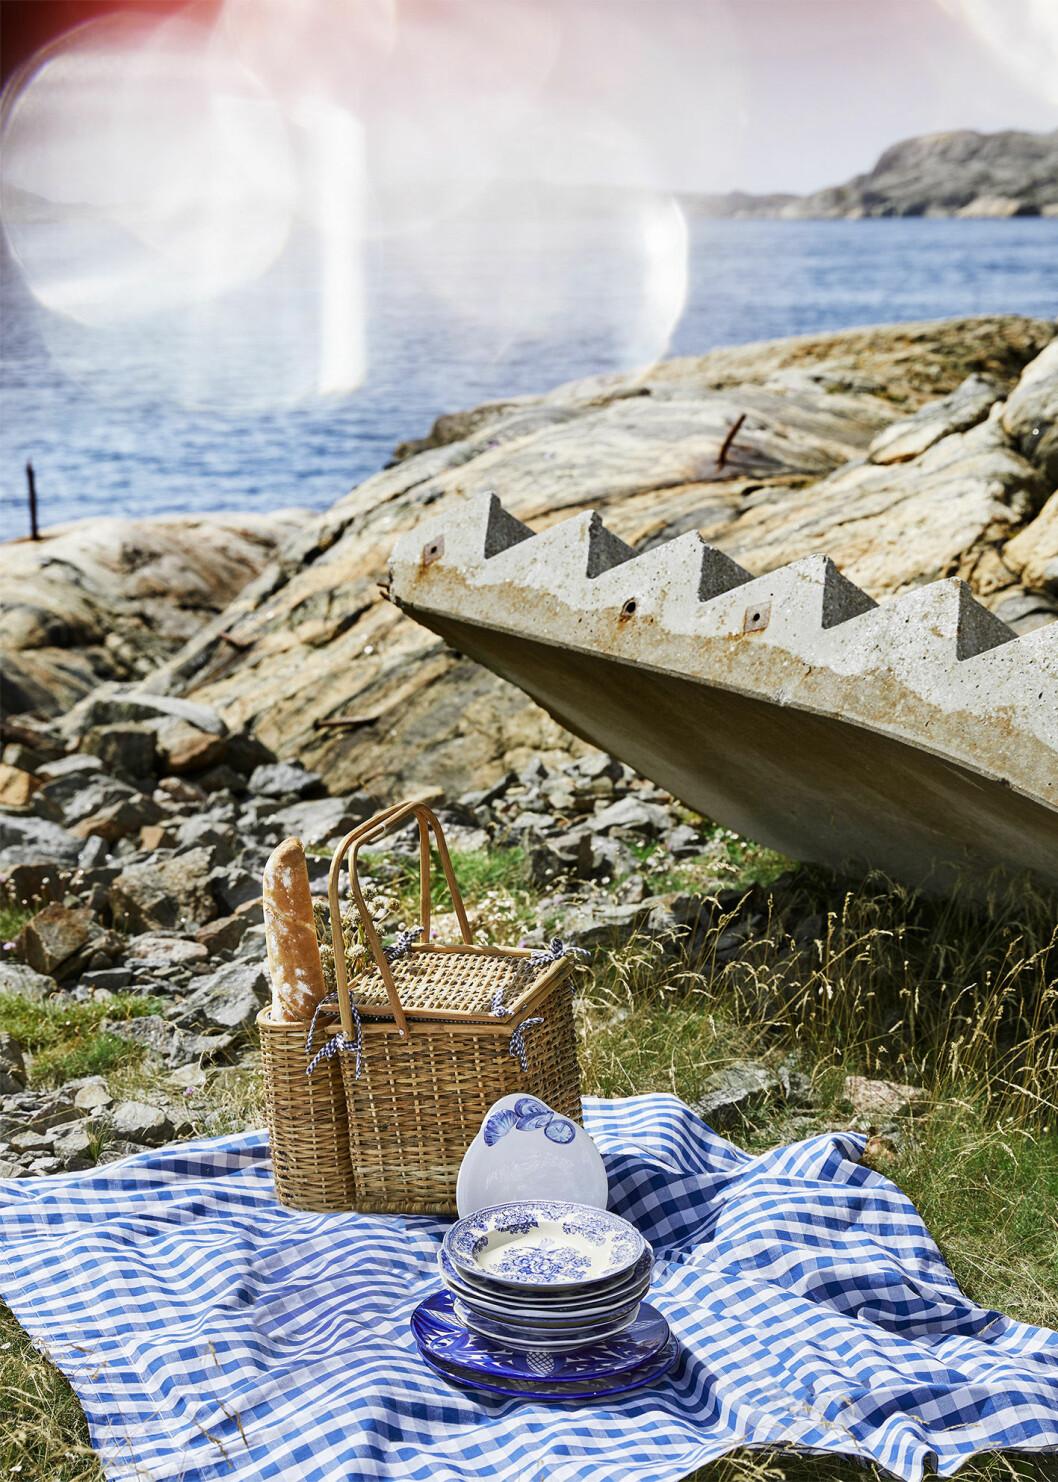 I gräset ligger en blåvit rutig filt med en korg och blåvita tallrikar på. I bakgrunden syns hav och klippor.